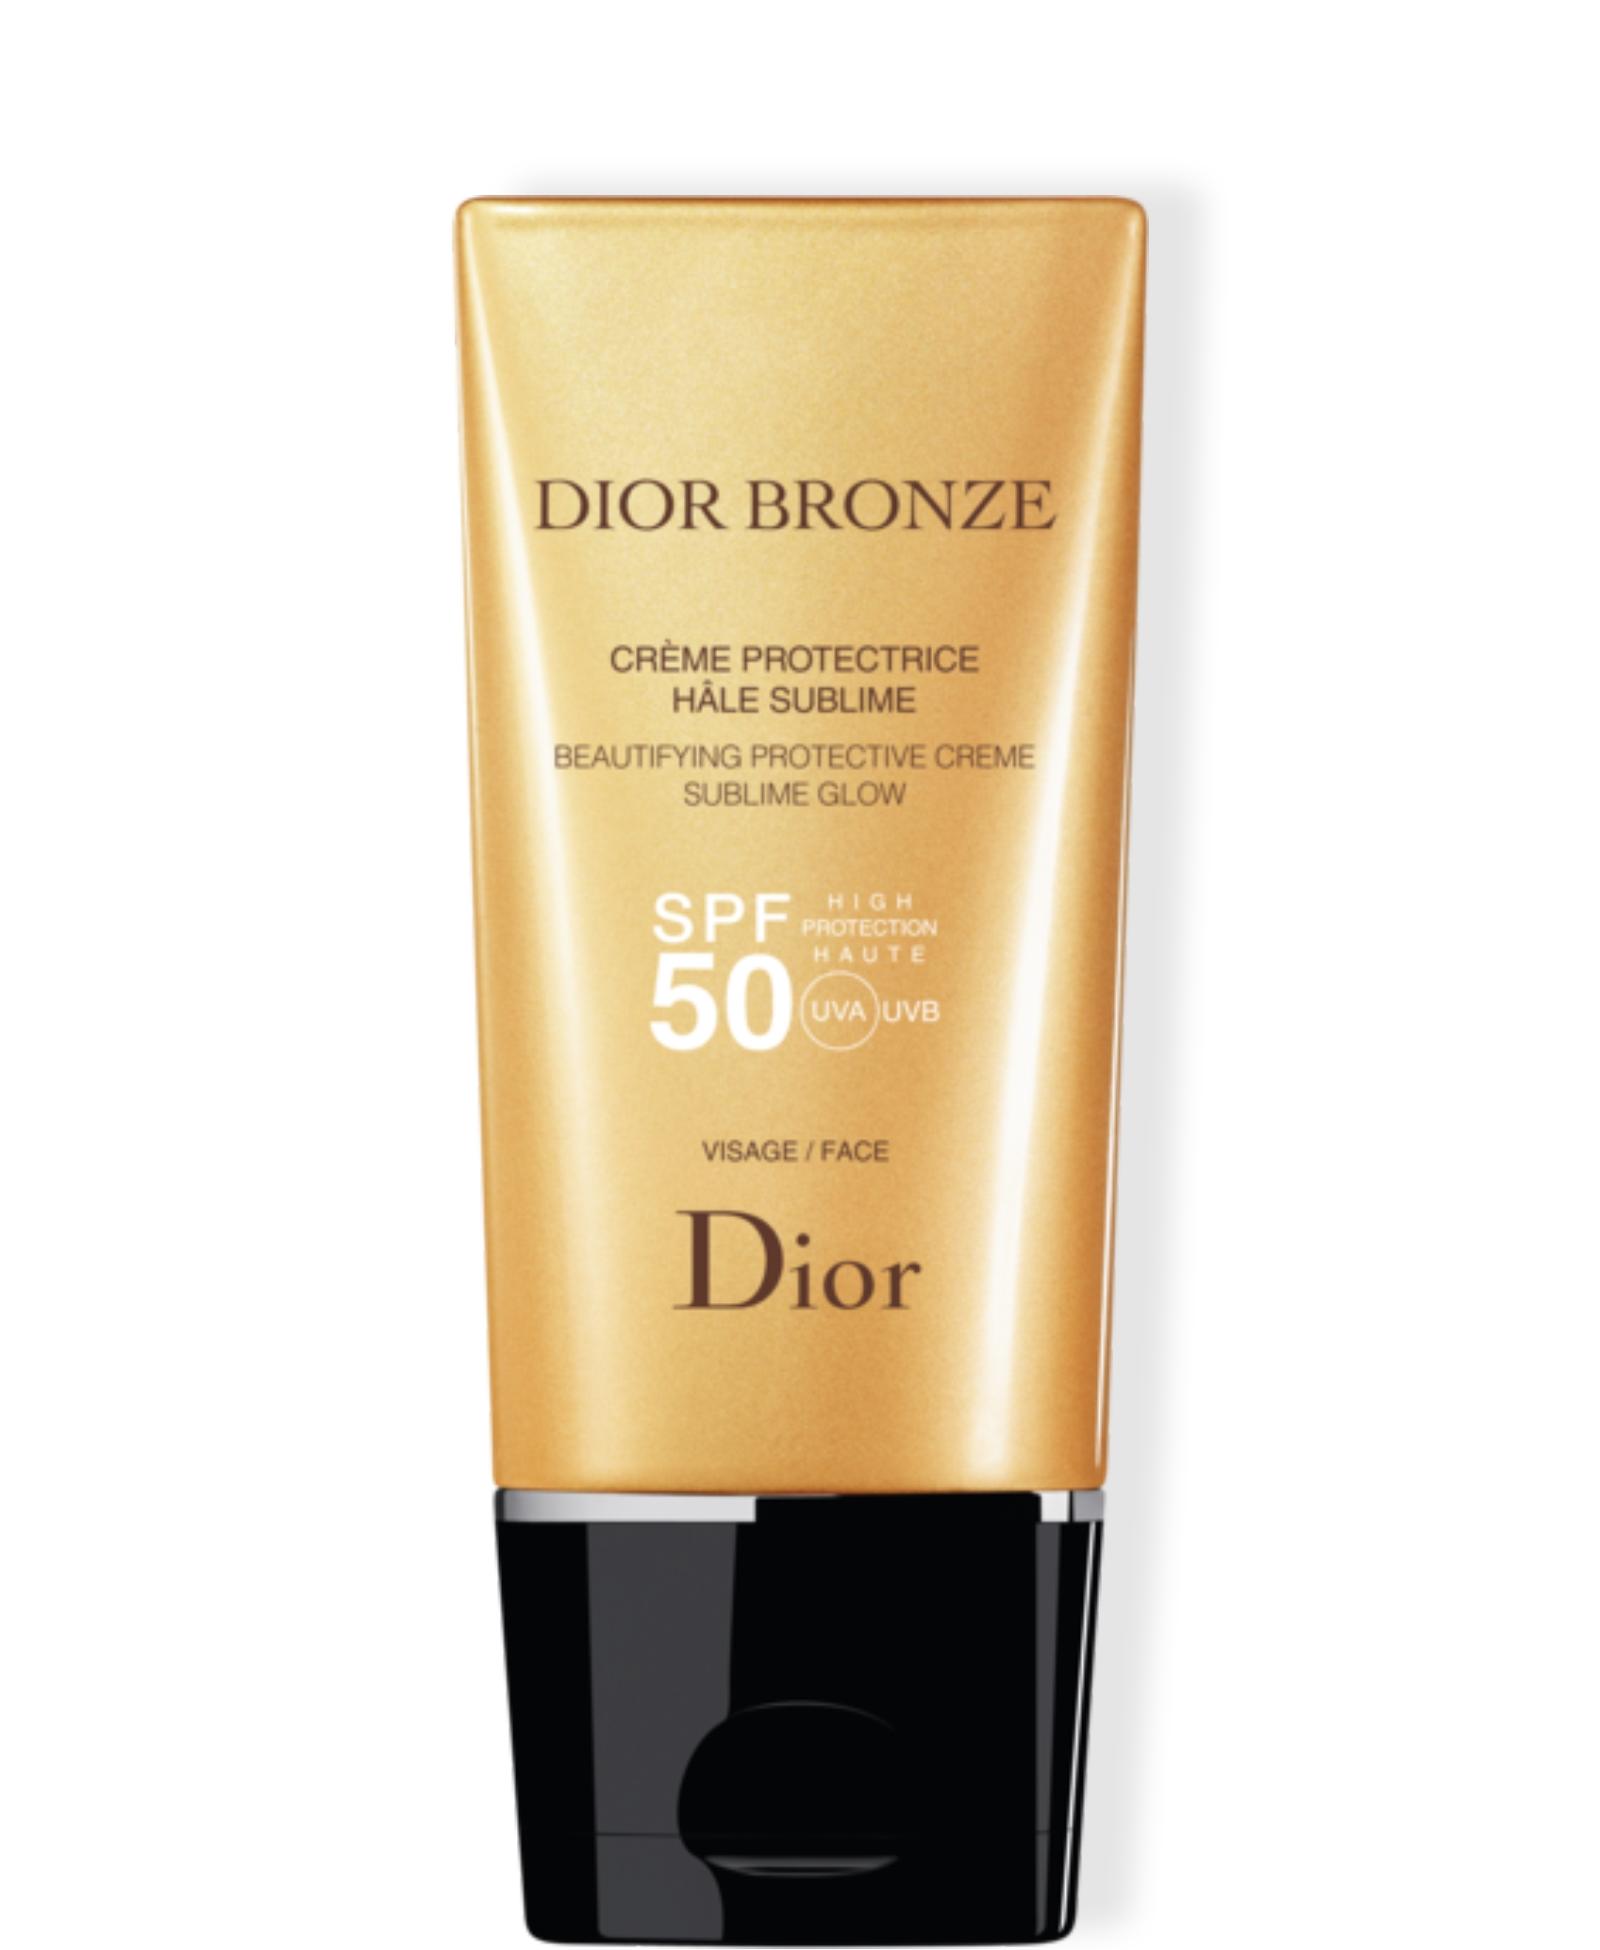 DIOR Dior Bronze Protective Creme Face